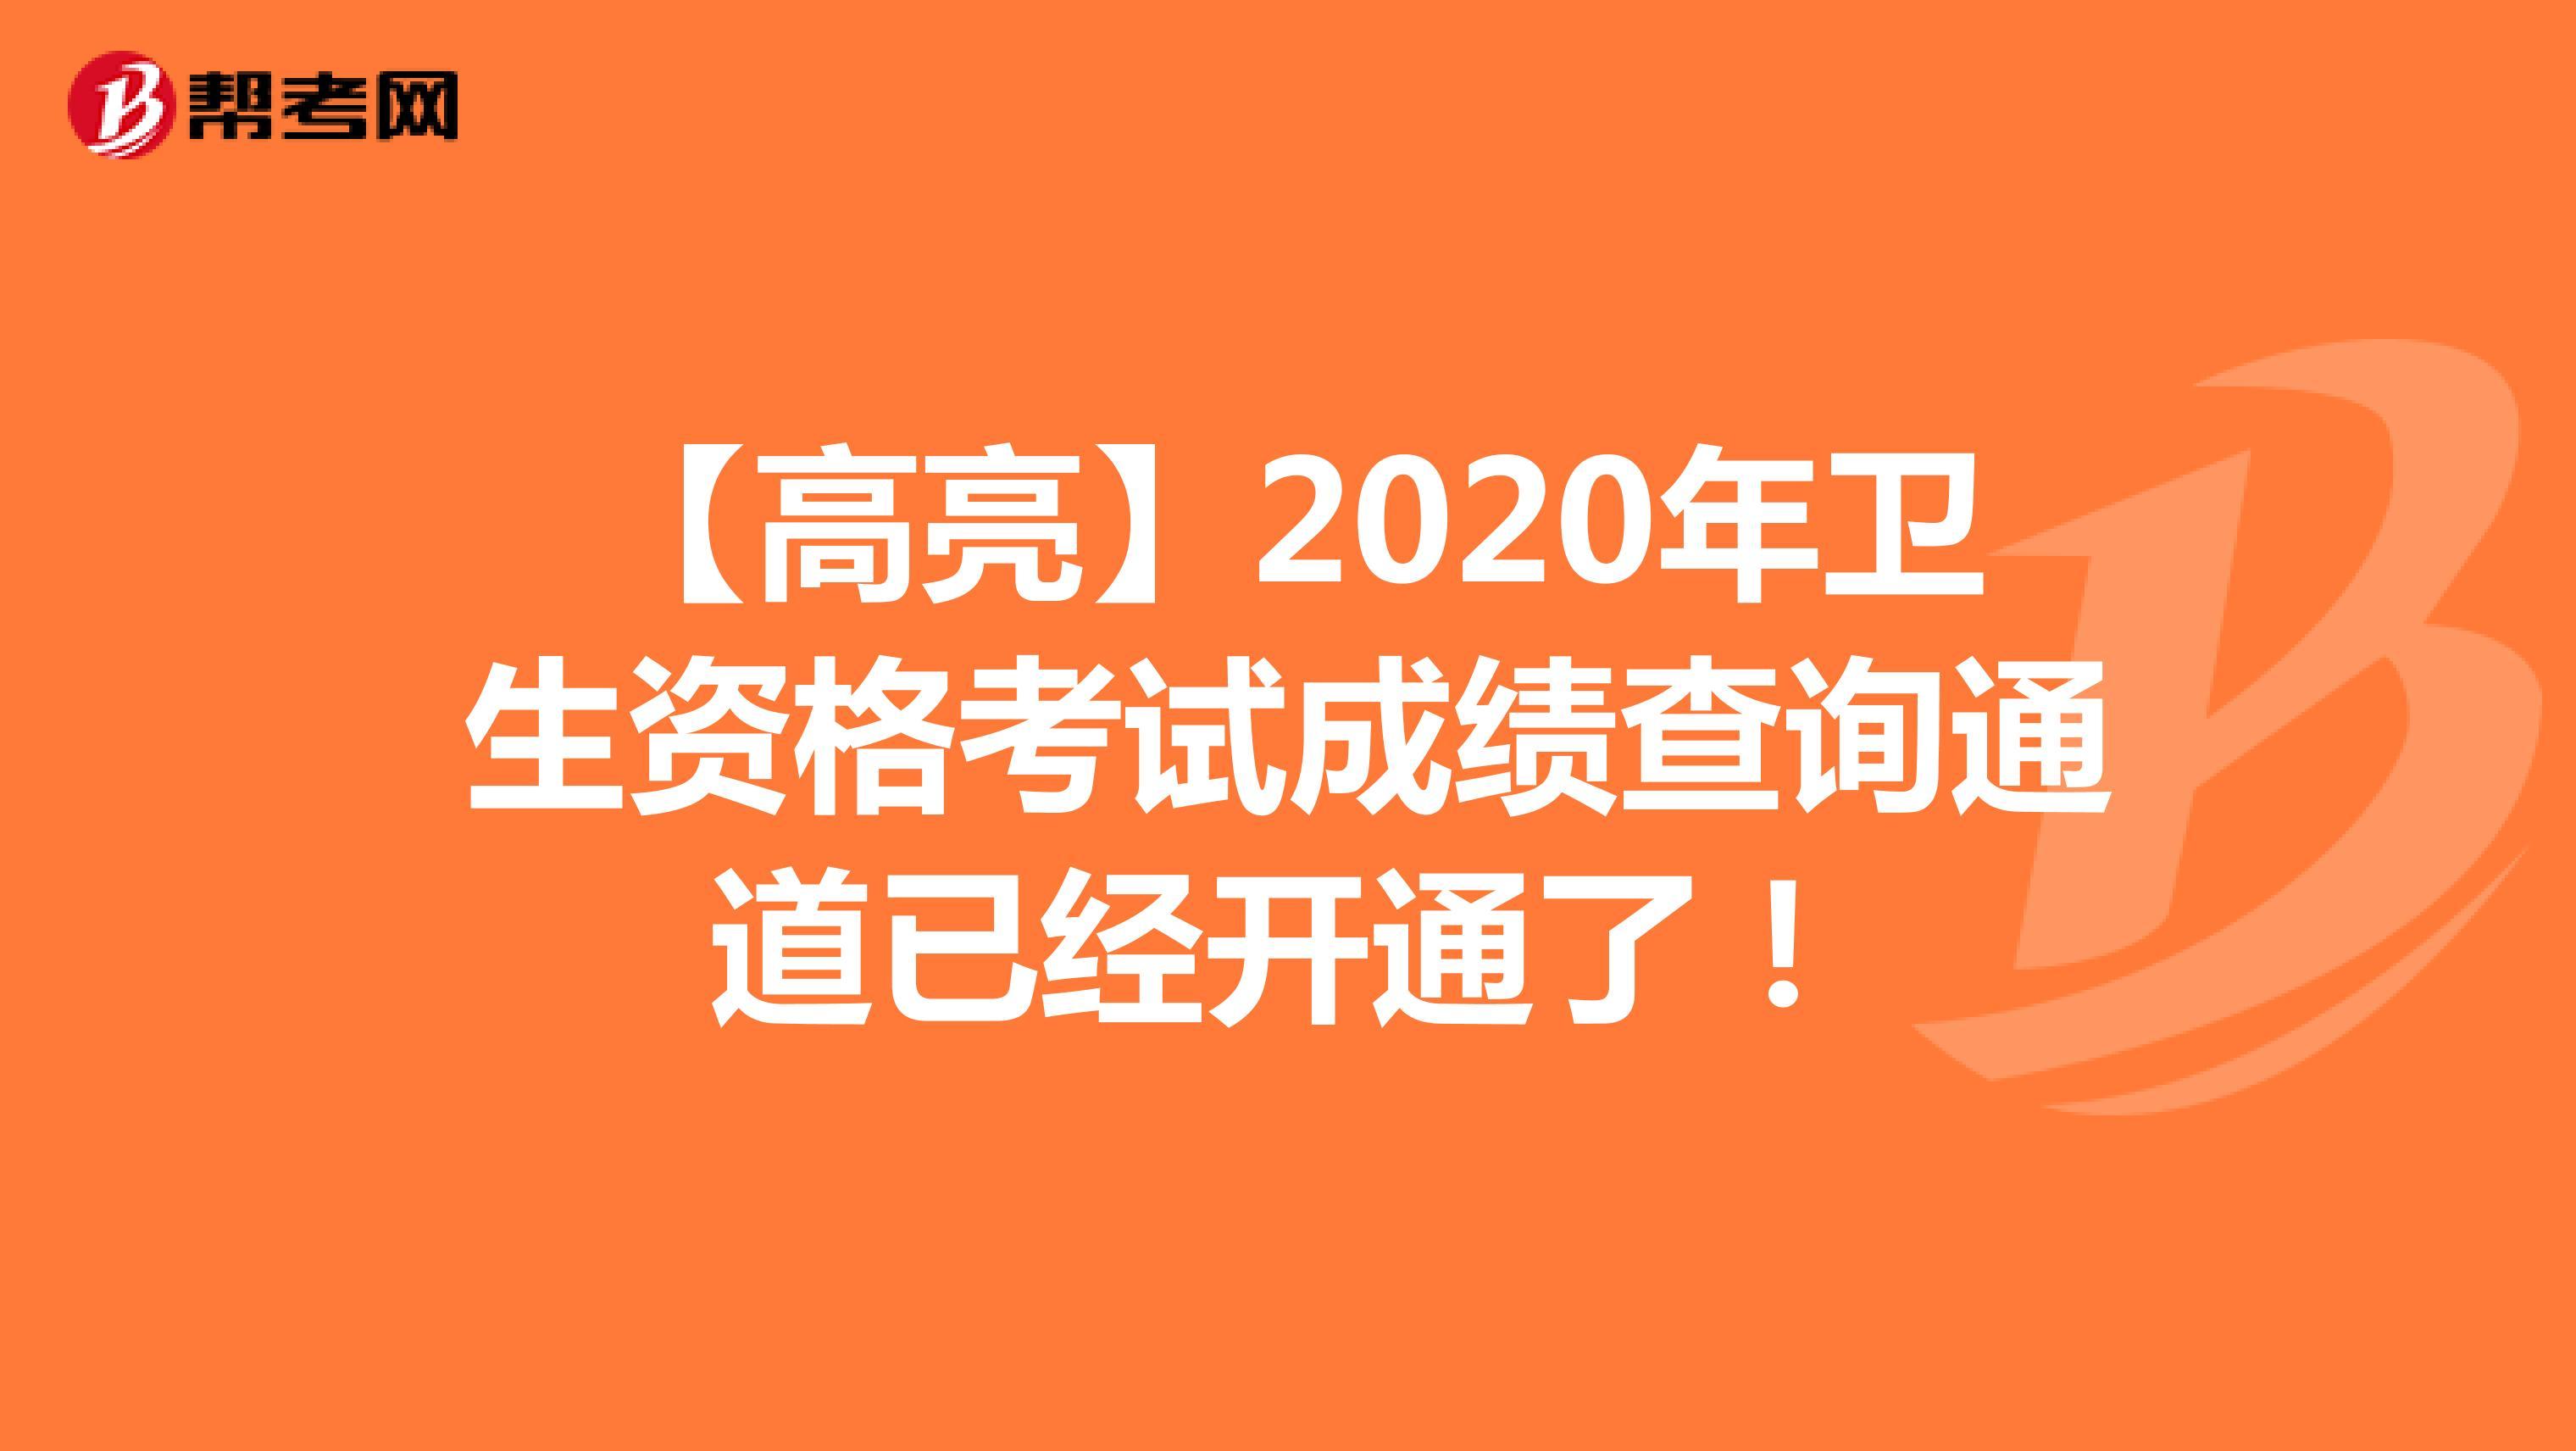 【高亮】2020年衛生資格考試成績查詢通道已經開通了!